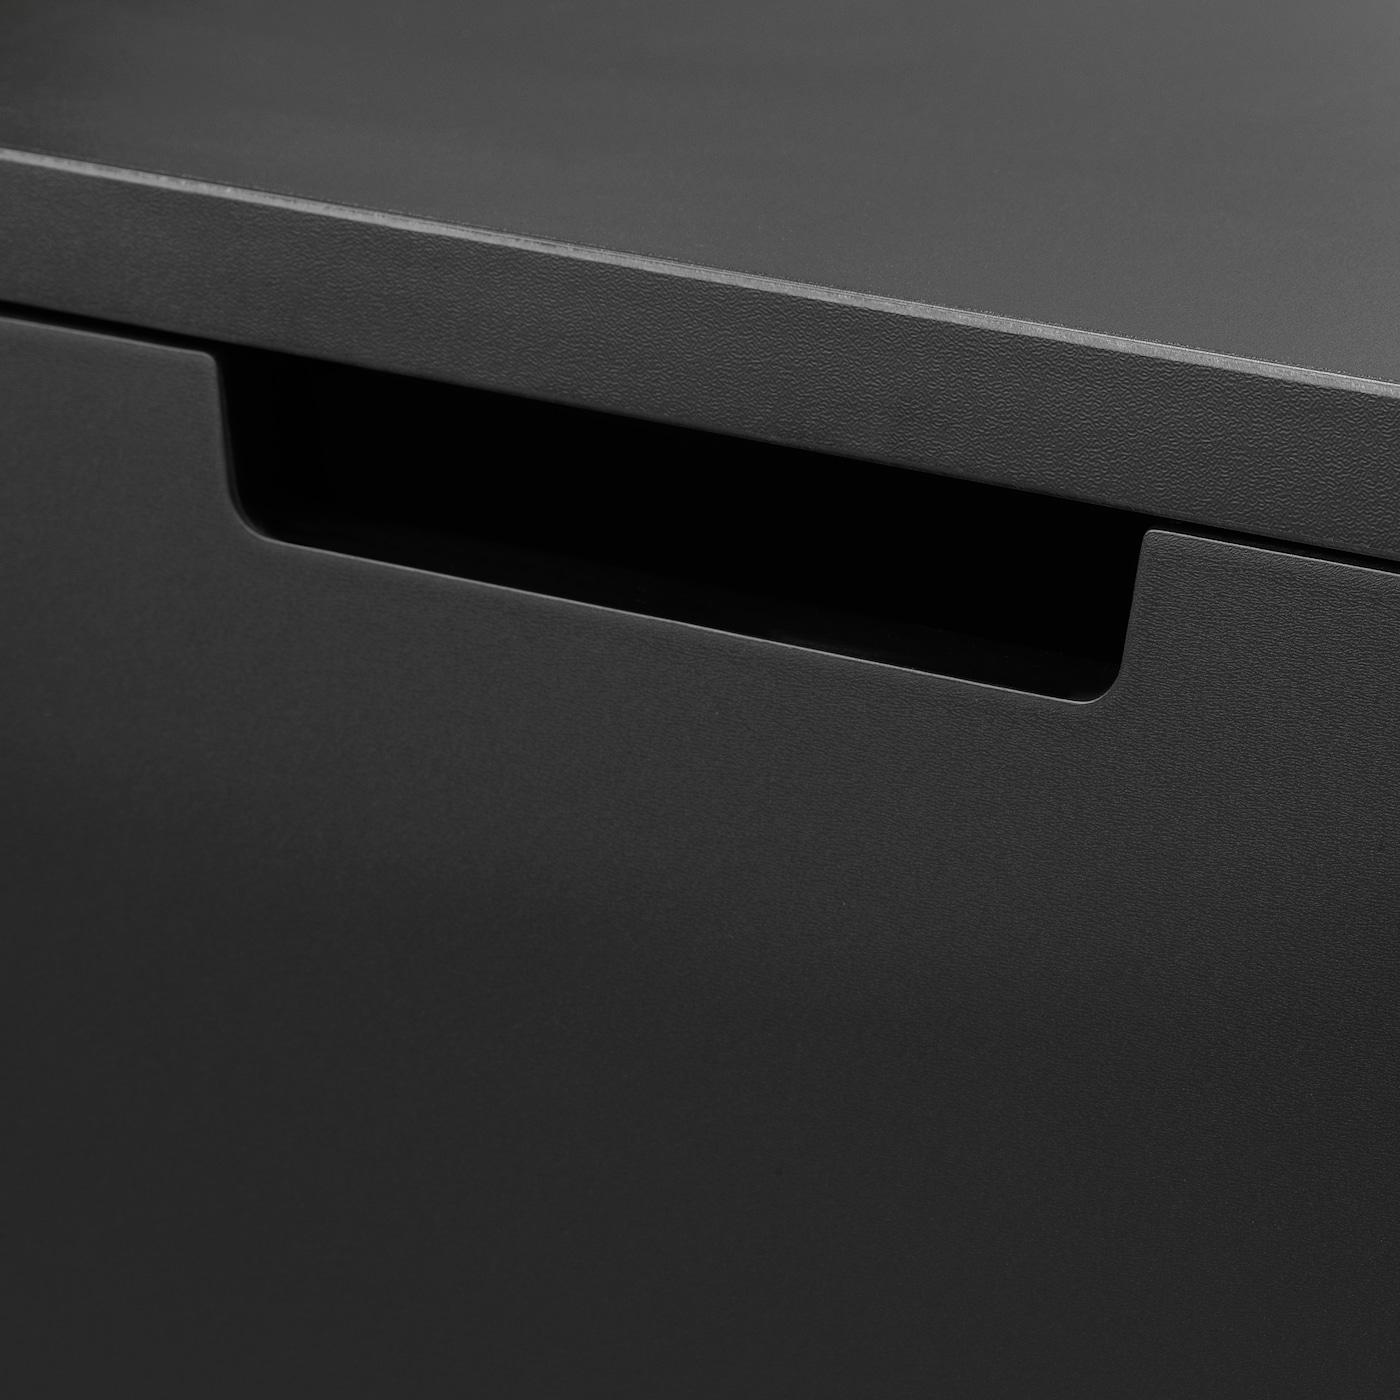 NORDLI Komoda se 4 zásuvkami, antracit, 40x99 cm